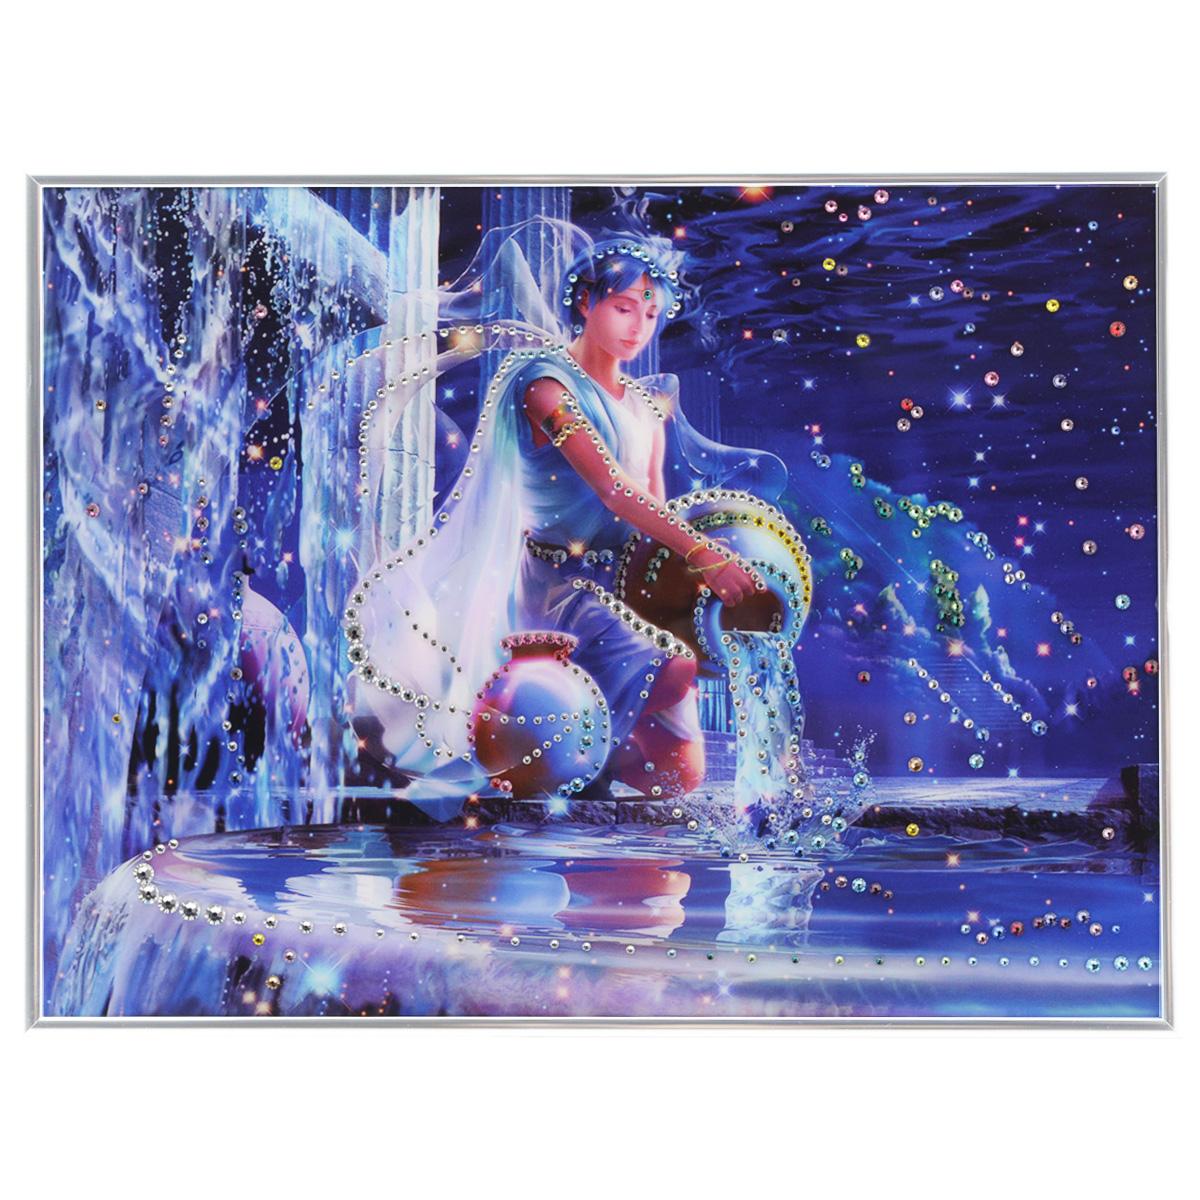 Картина с кристаллами Swarovski Знак зодиака. Водолей Кагая, 40 см х 30 смPM-4004Изящная картина в металлической раме, инкрустирована кристаллами Swarovski, которые отличаются четкой и ровной огранкой, ярким блеском и чистотой цвета. Красочное изображение знака зодиака - водолей Кагая, расположенное под стеклом, прекрасно дополняет блеск кристаллов. С обратной стороны имеется металлическая петелька для размещения картины на стене. Картина с кристаллами Swarovski Знак зодиака. Водолей Кагая элегантно украсит интерьер дома или офиса, а также станет прекрасным подарком, который обязательно понравится получателю. Блеск кристаллов в интерьере, что может быть сказочнее и удивительнее. Картина упакована в подарочную картонную коробку синего цвета и комплектуется сертификатом соответствия Swarovski.